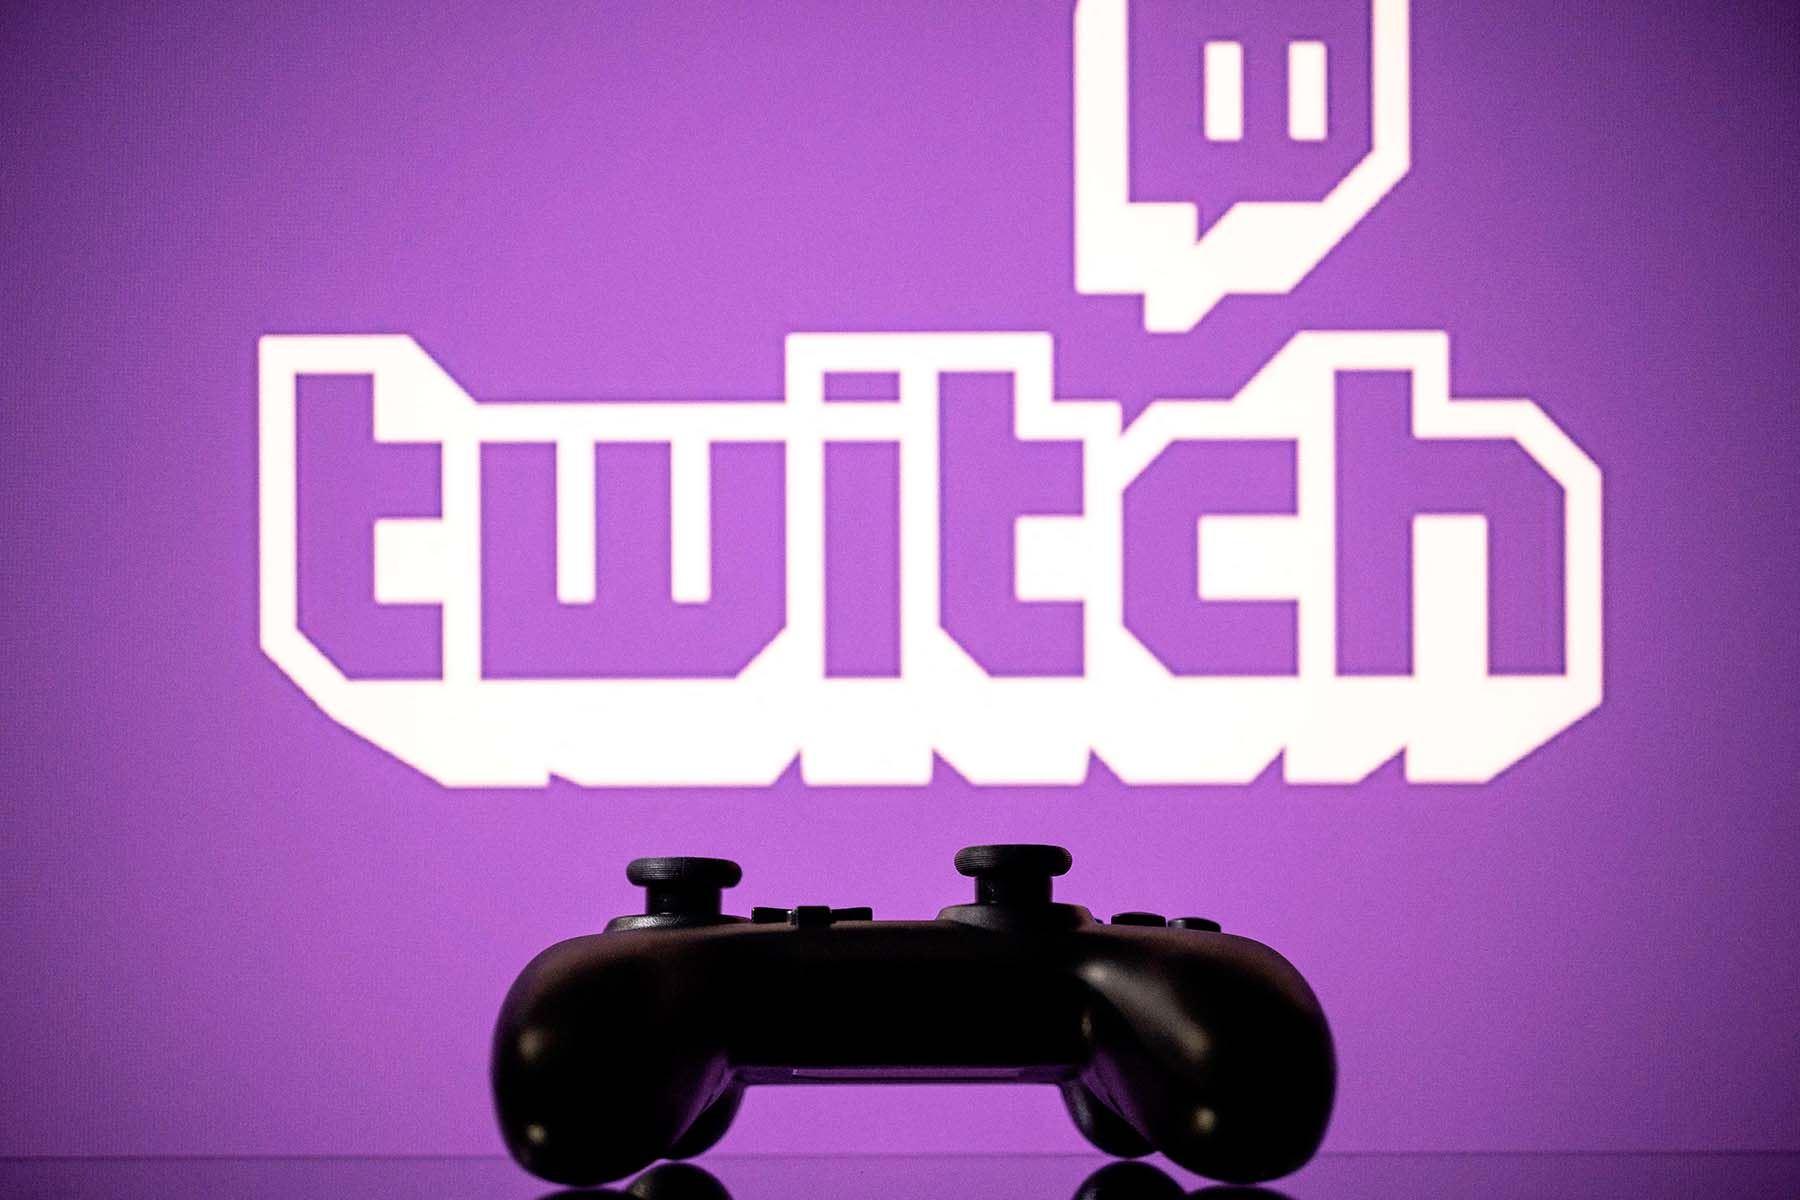 Plataforma de juegos Twitch confirma hackeo y anuncia cambio de claves para usuarios